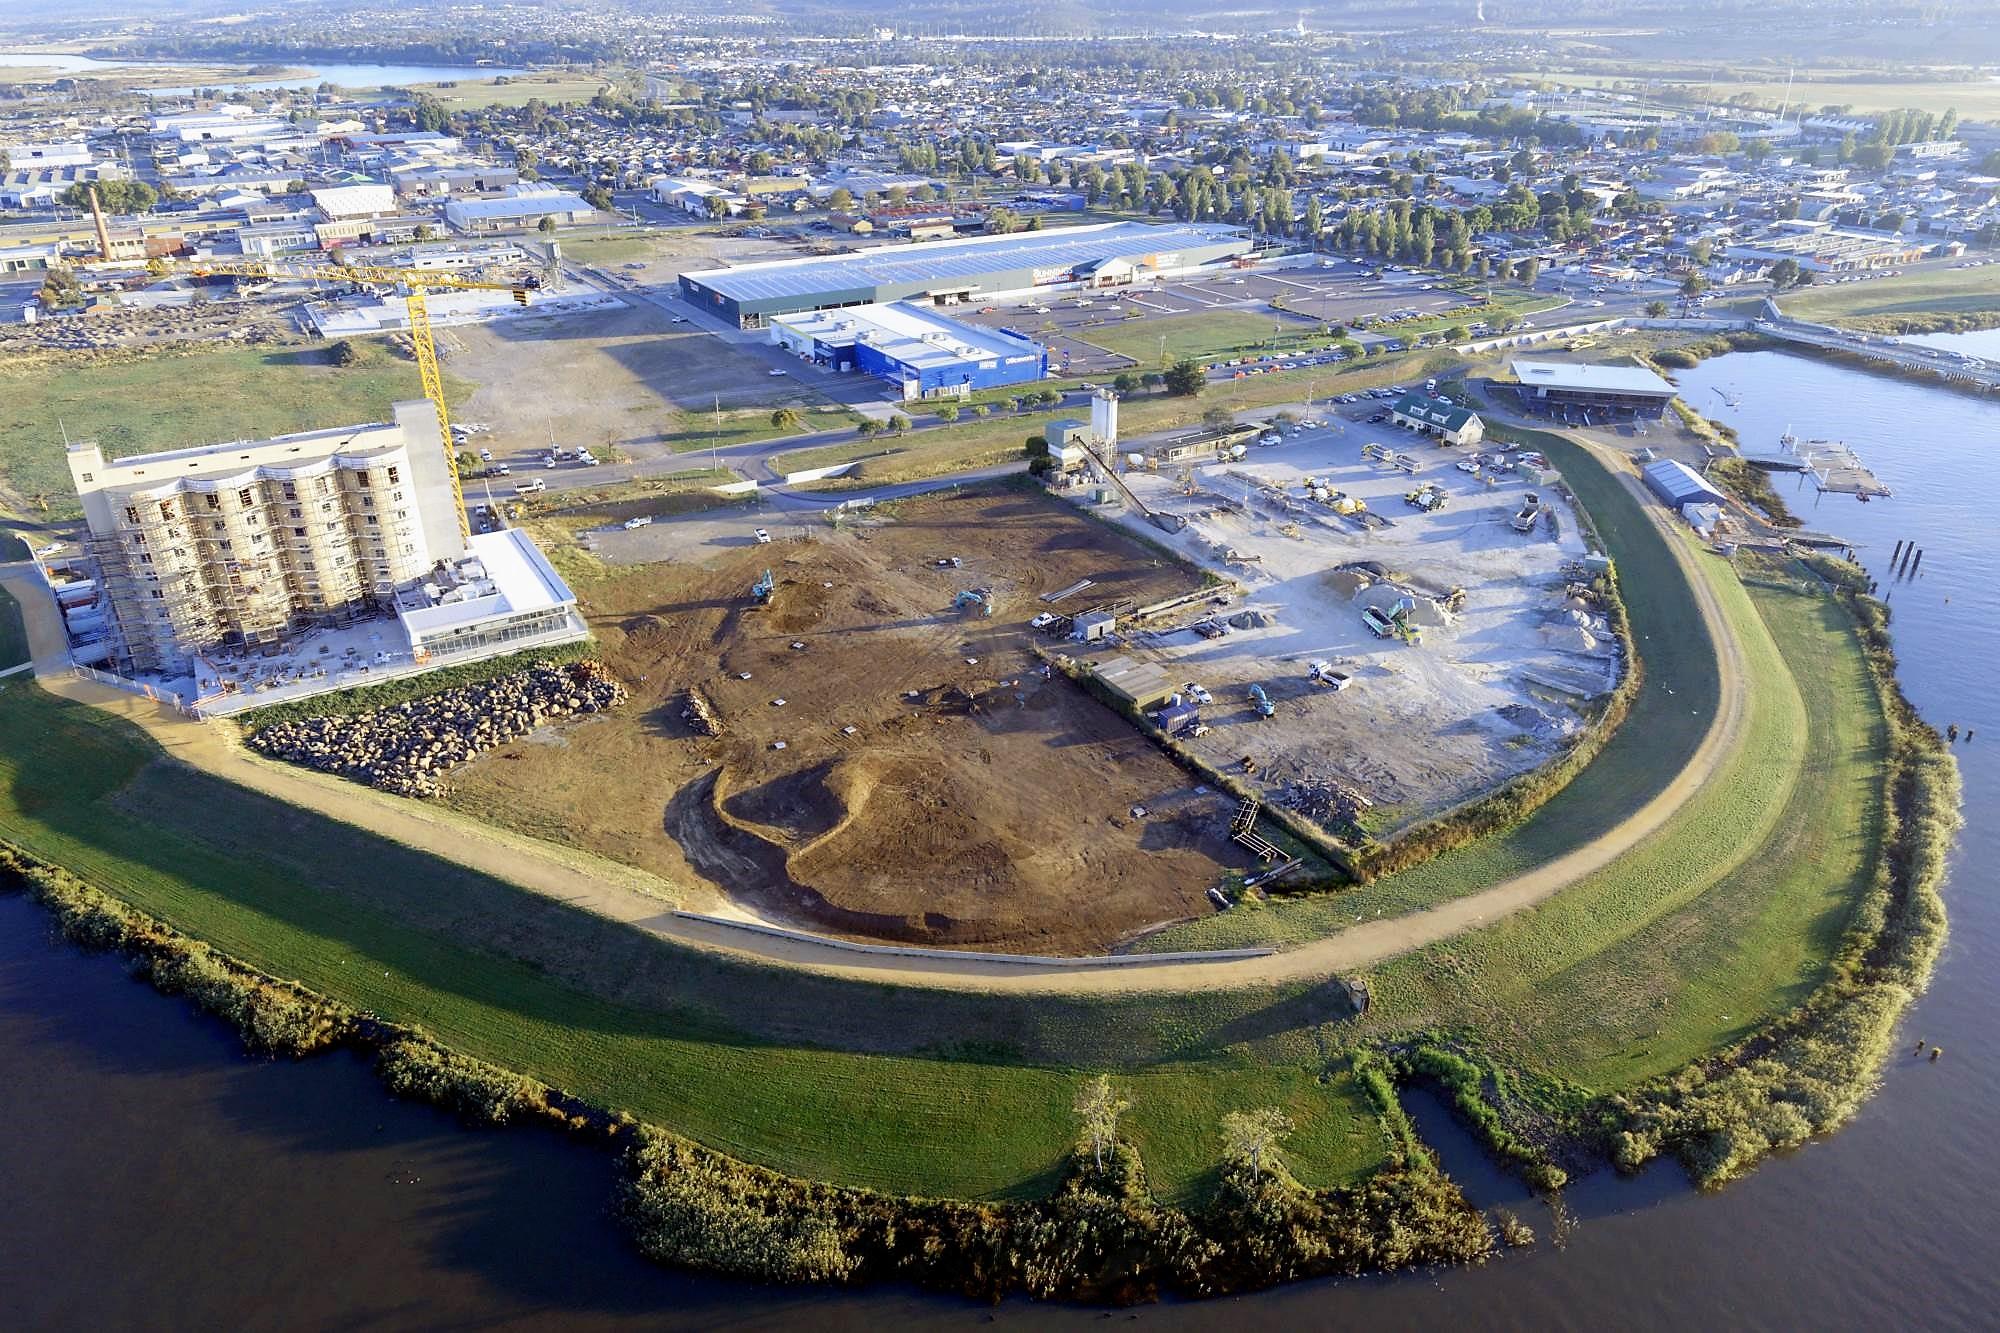 Northbank_realestate_aerial.jpg